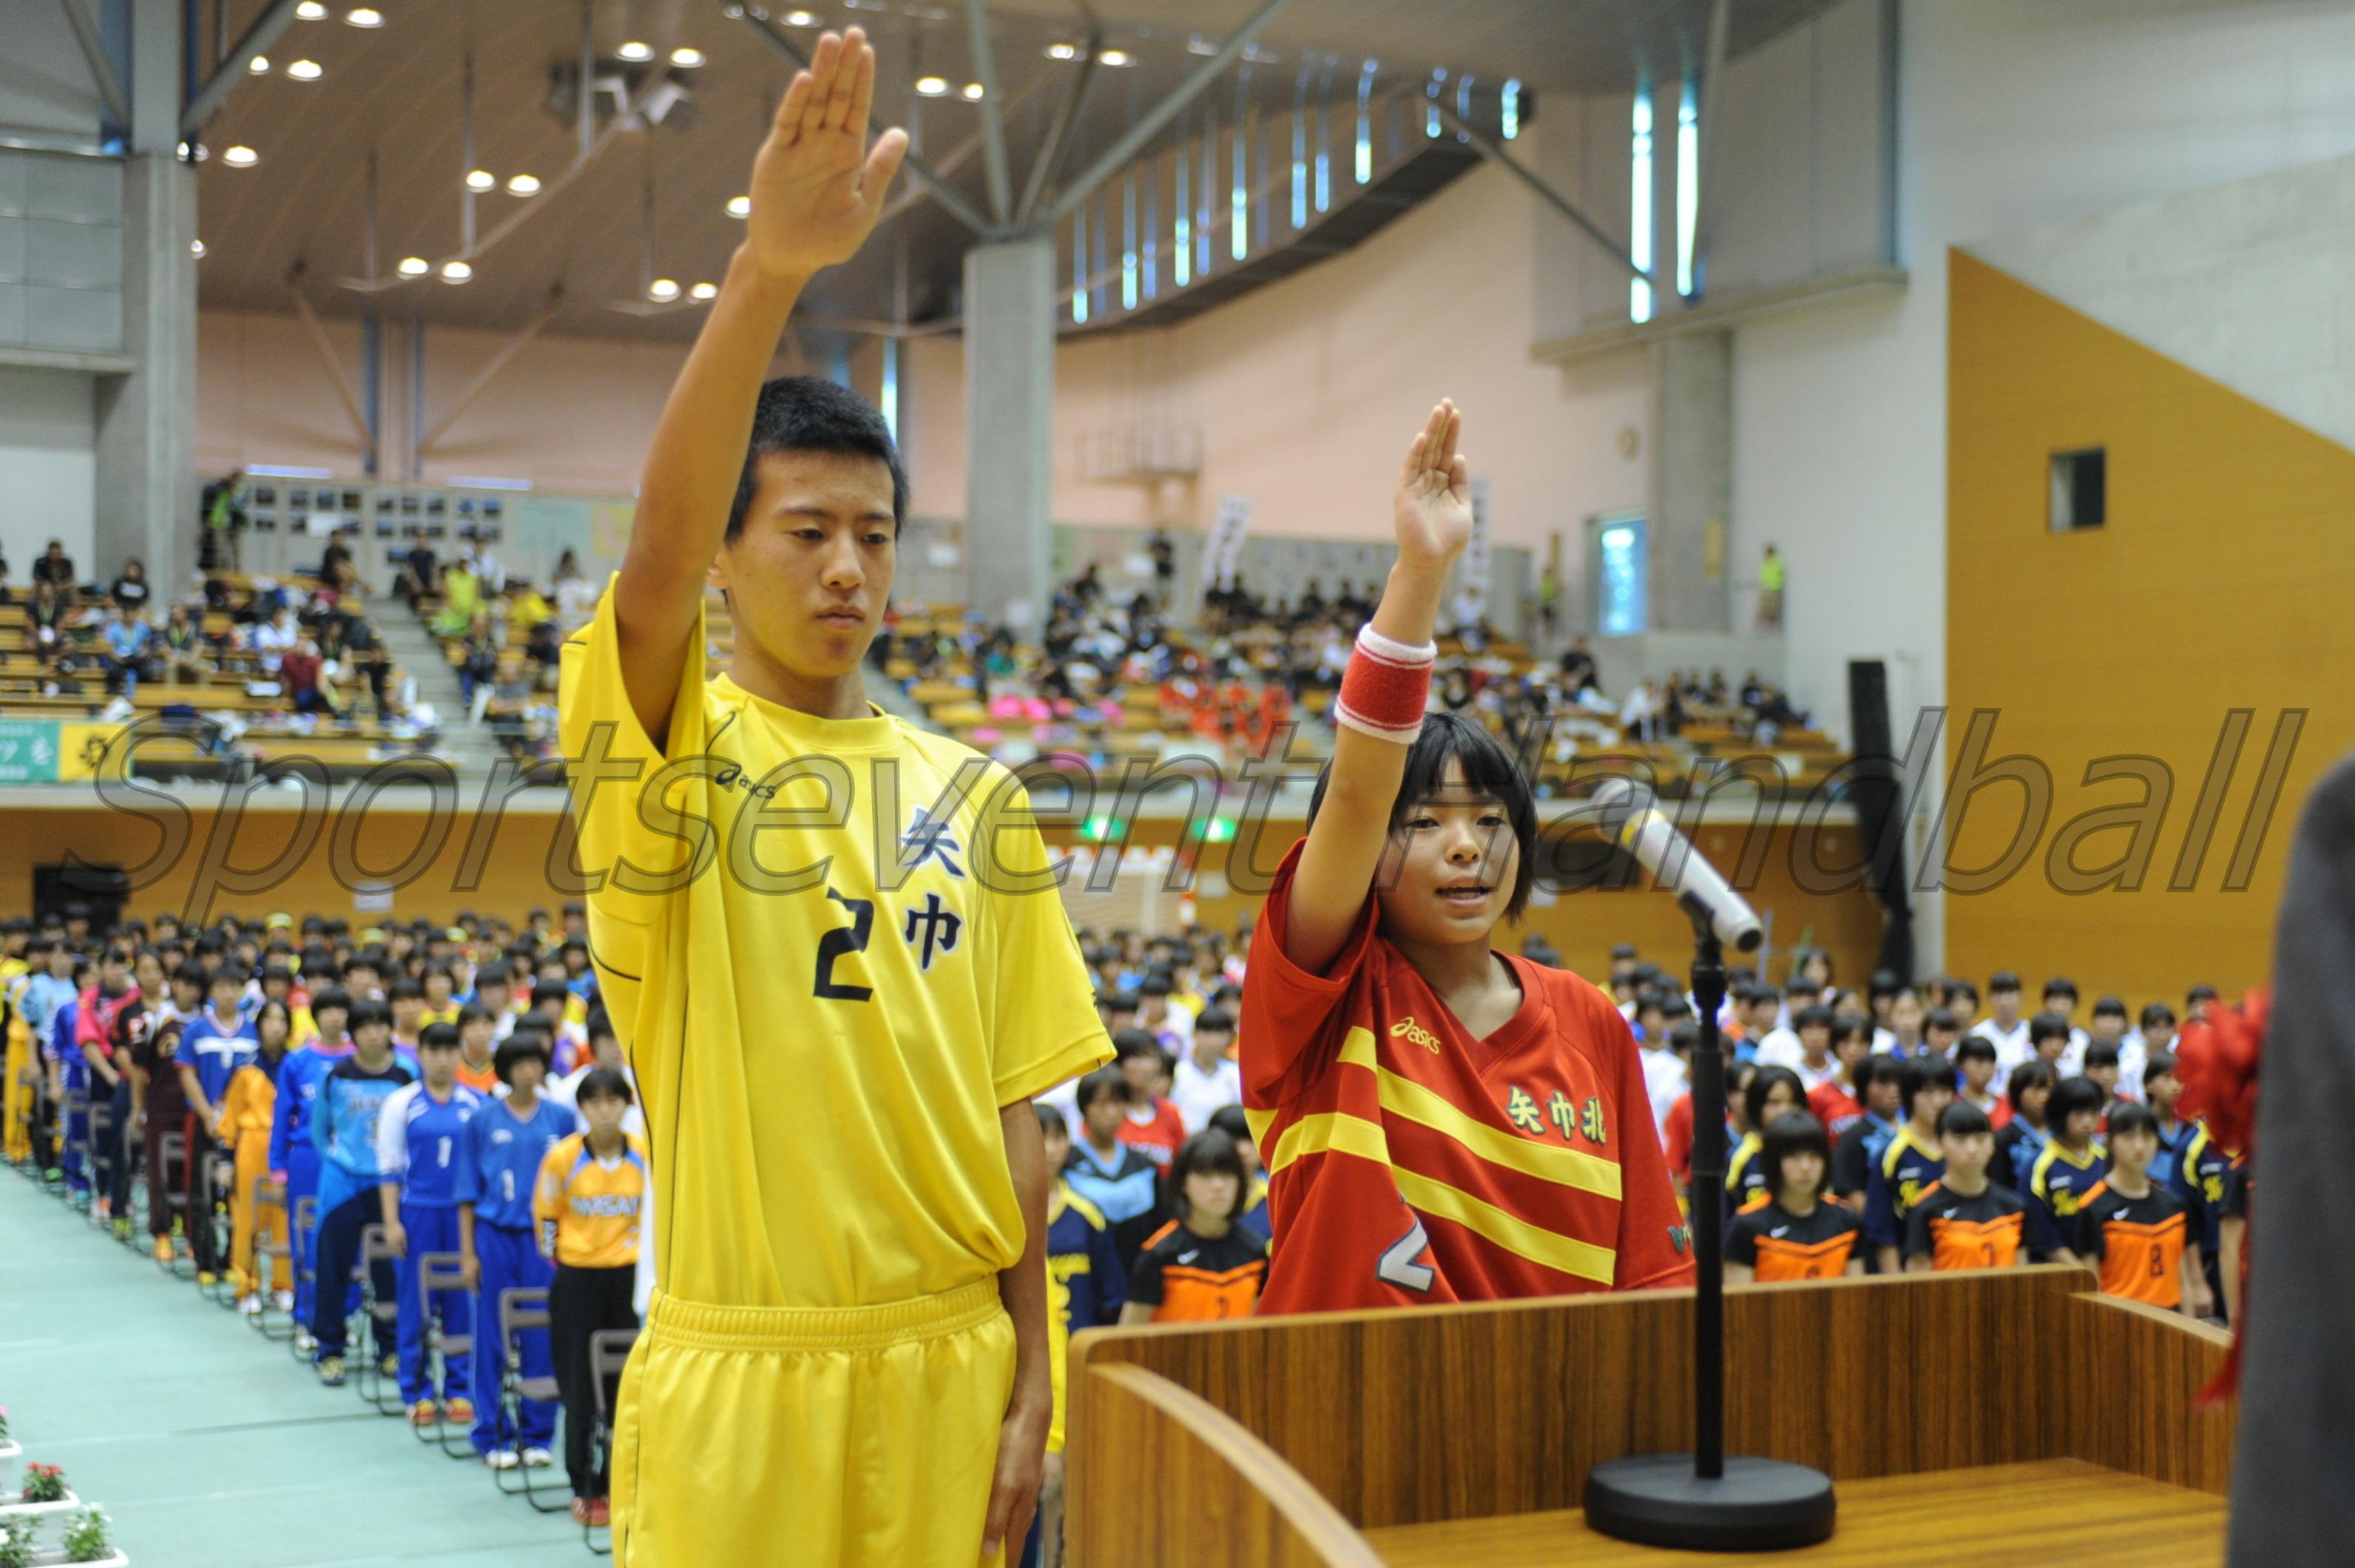 選手宣誓は、男子は矢巾中・安倍選手、女子は矢巾北中・廣田選手が行ないました。